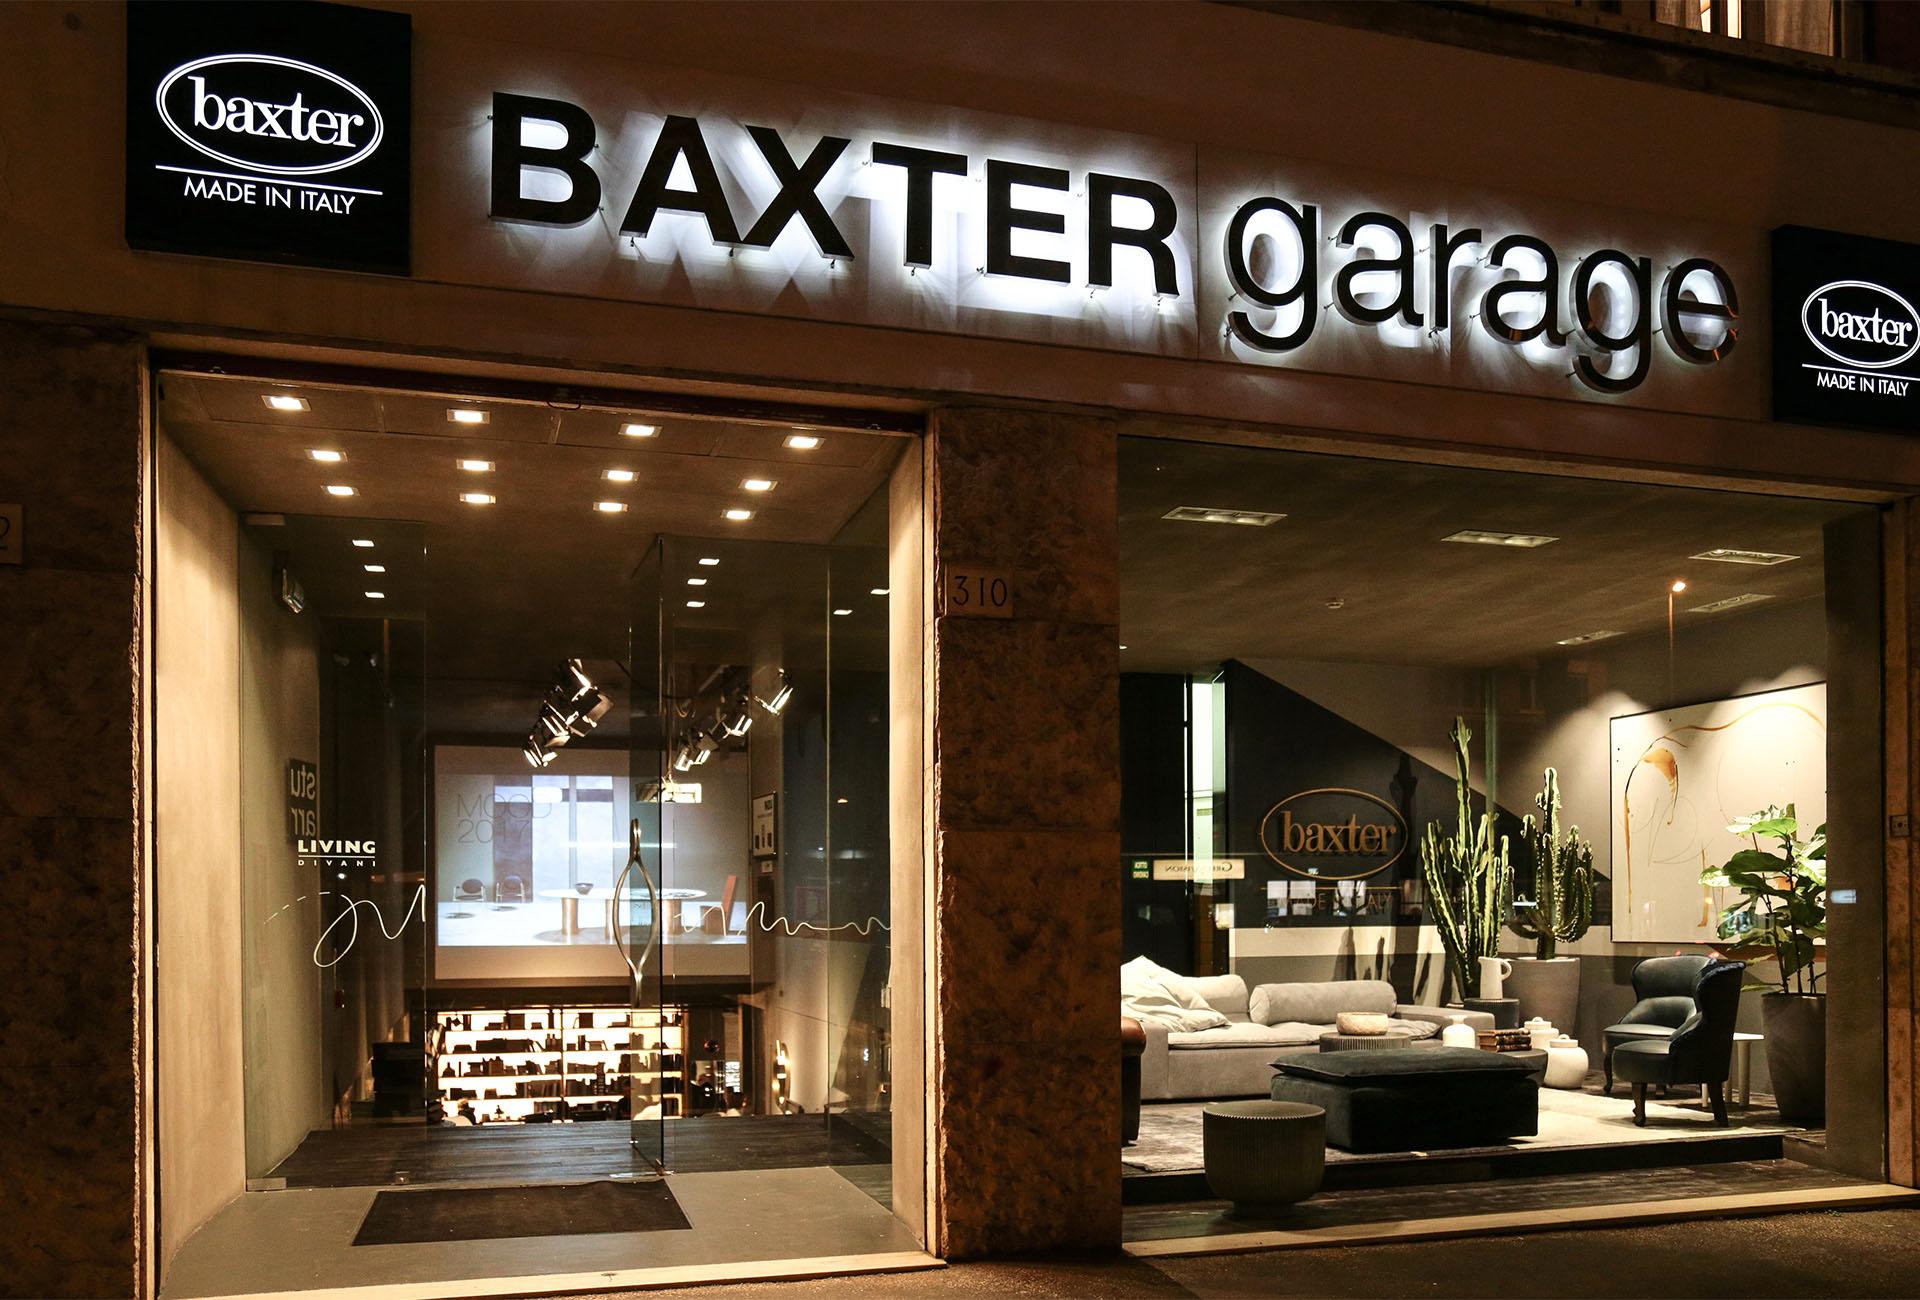 GEOMETRIE D'AUTORE AL BAXTER GARAGE DI ROMA